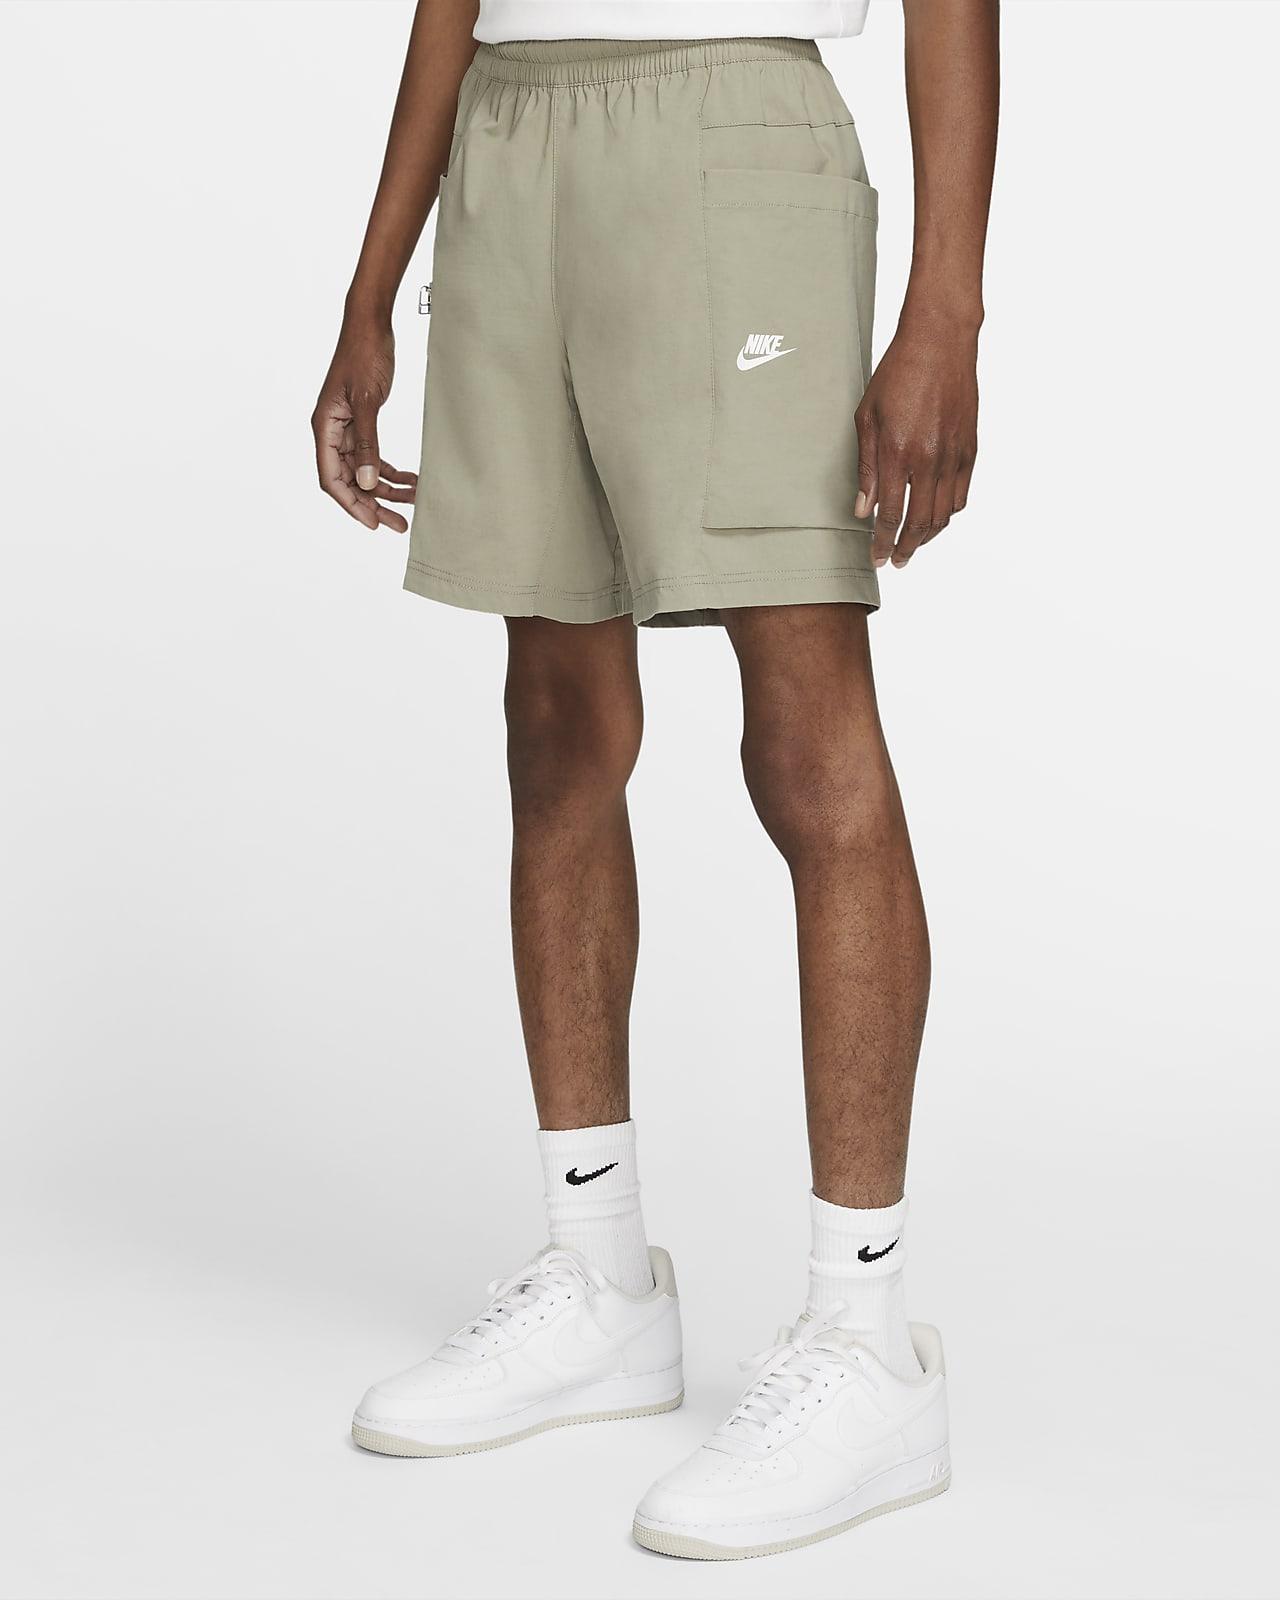 Nike Sportswear Modern Essentials Men's Unlined Woven Shorts